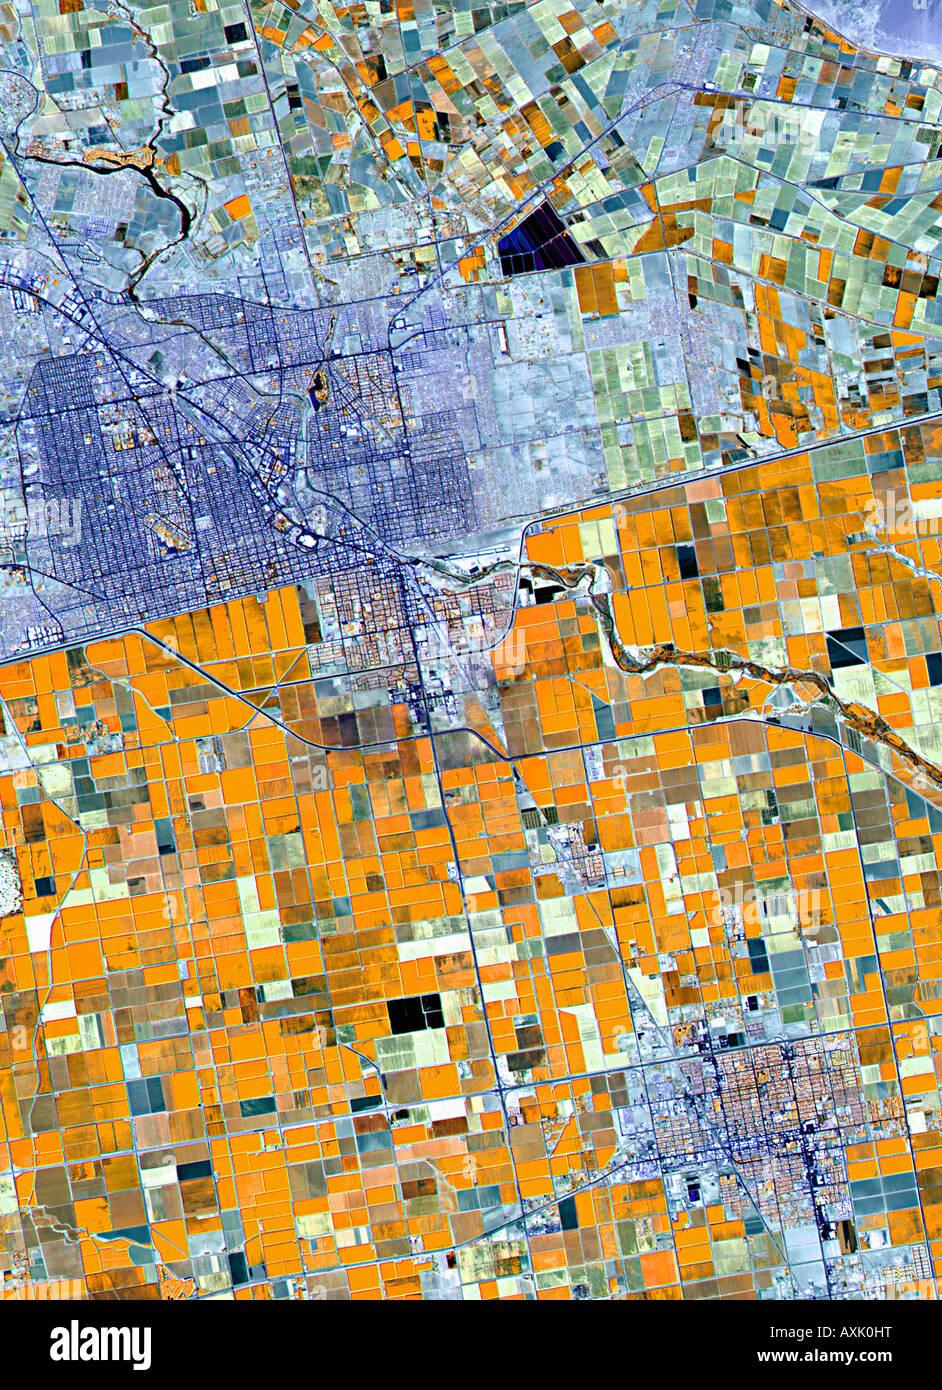 Immagine satellitare dei terreni agricoli in Germania Immagini Stock